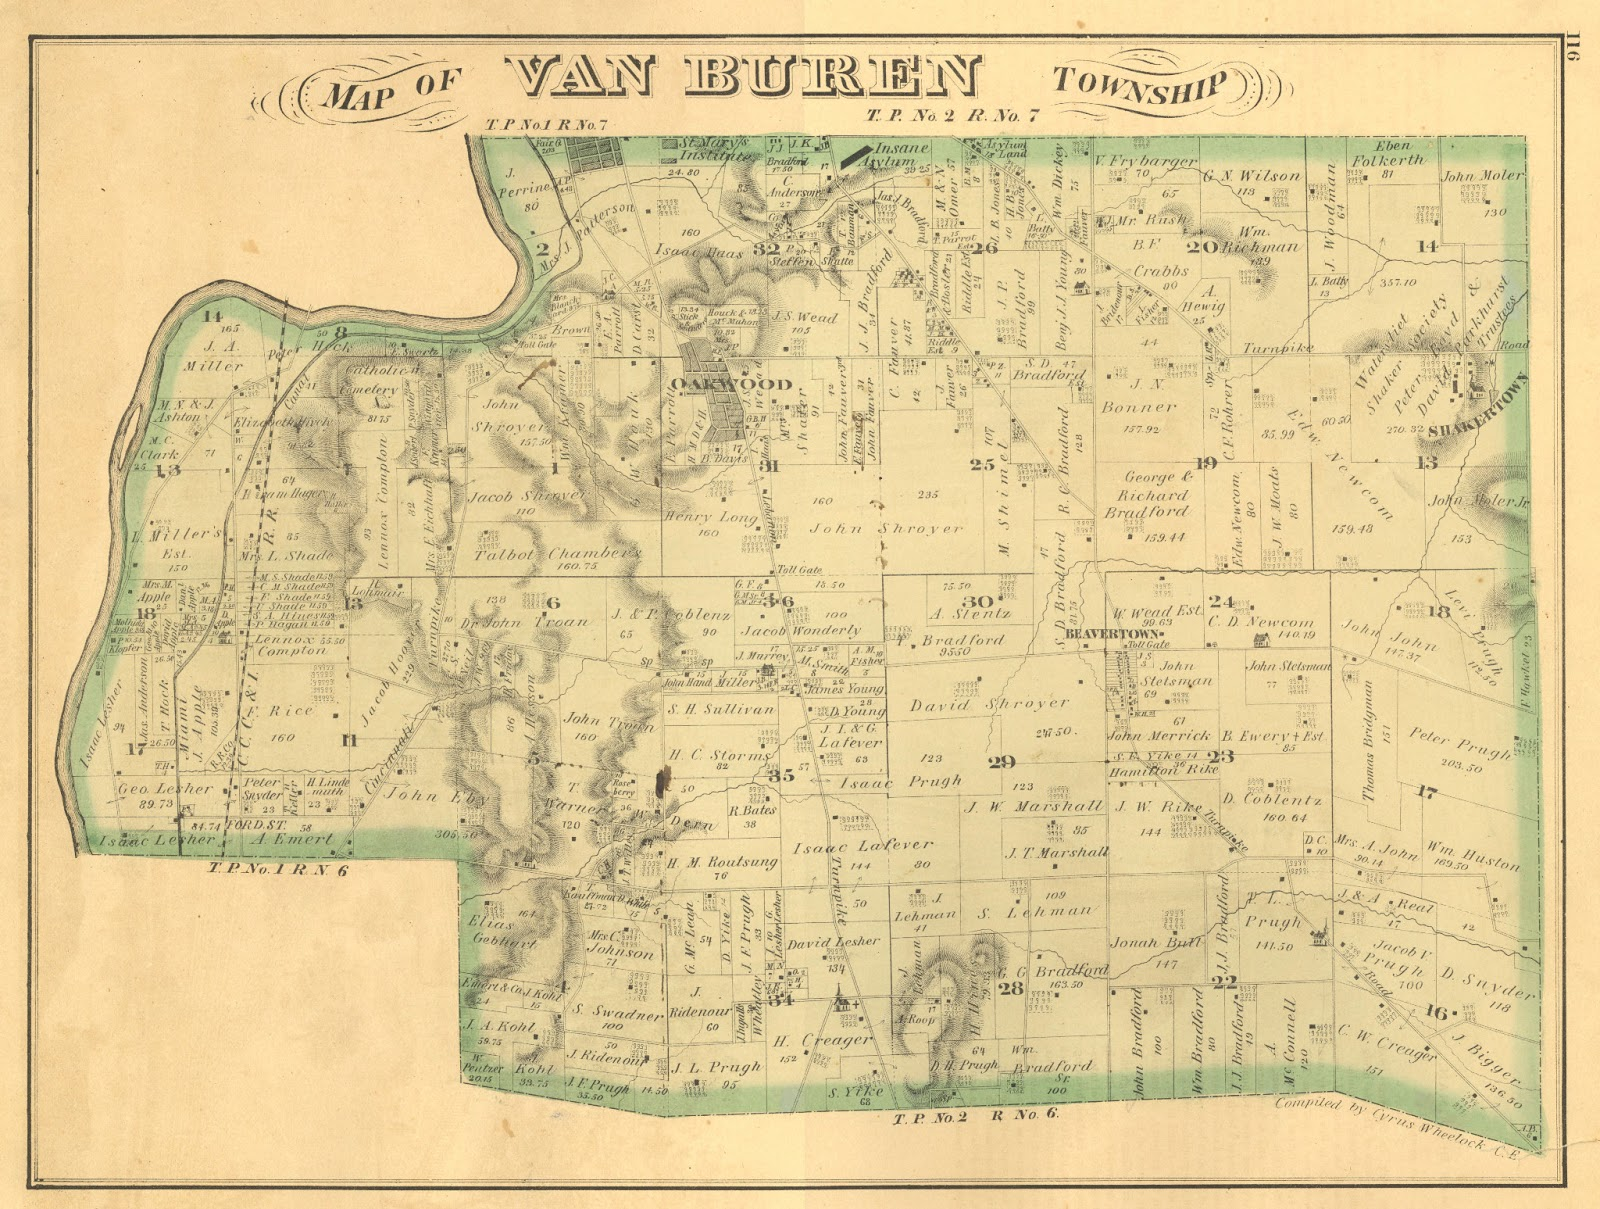 1875 map of van buren township